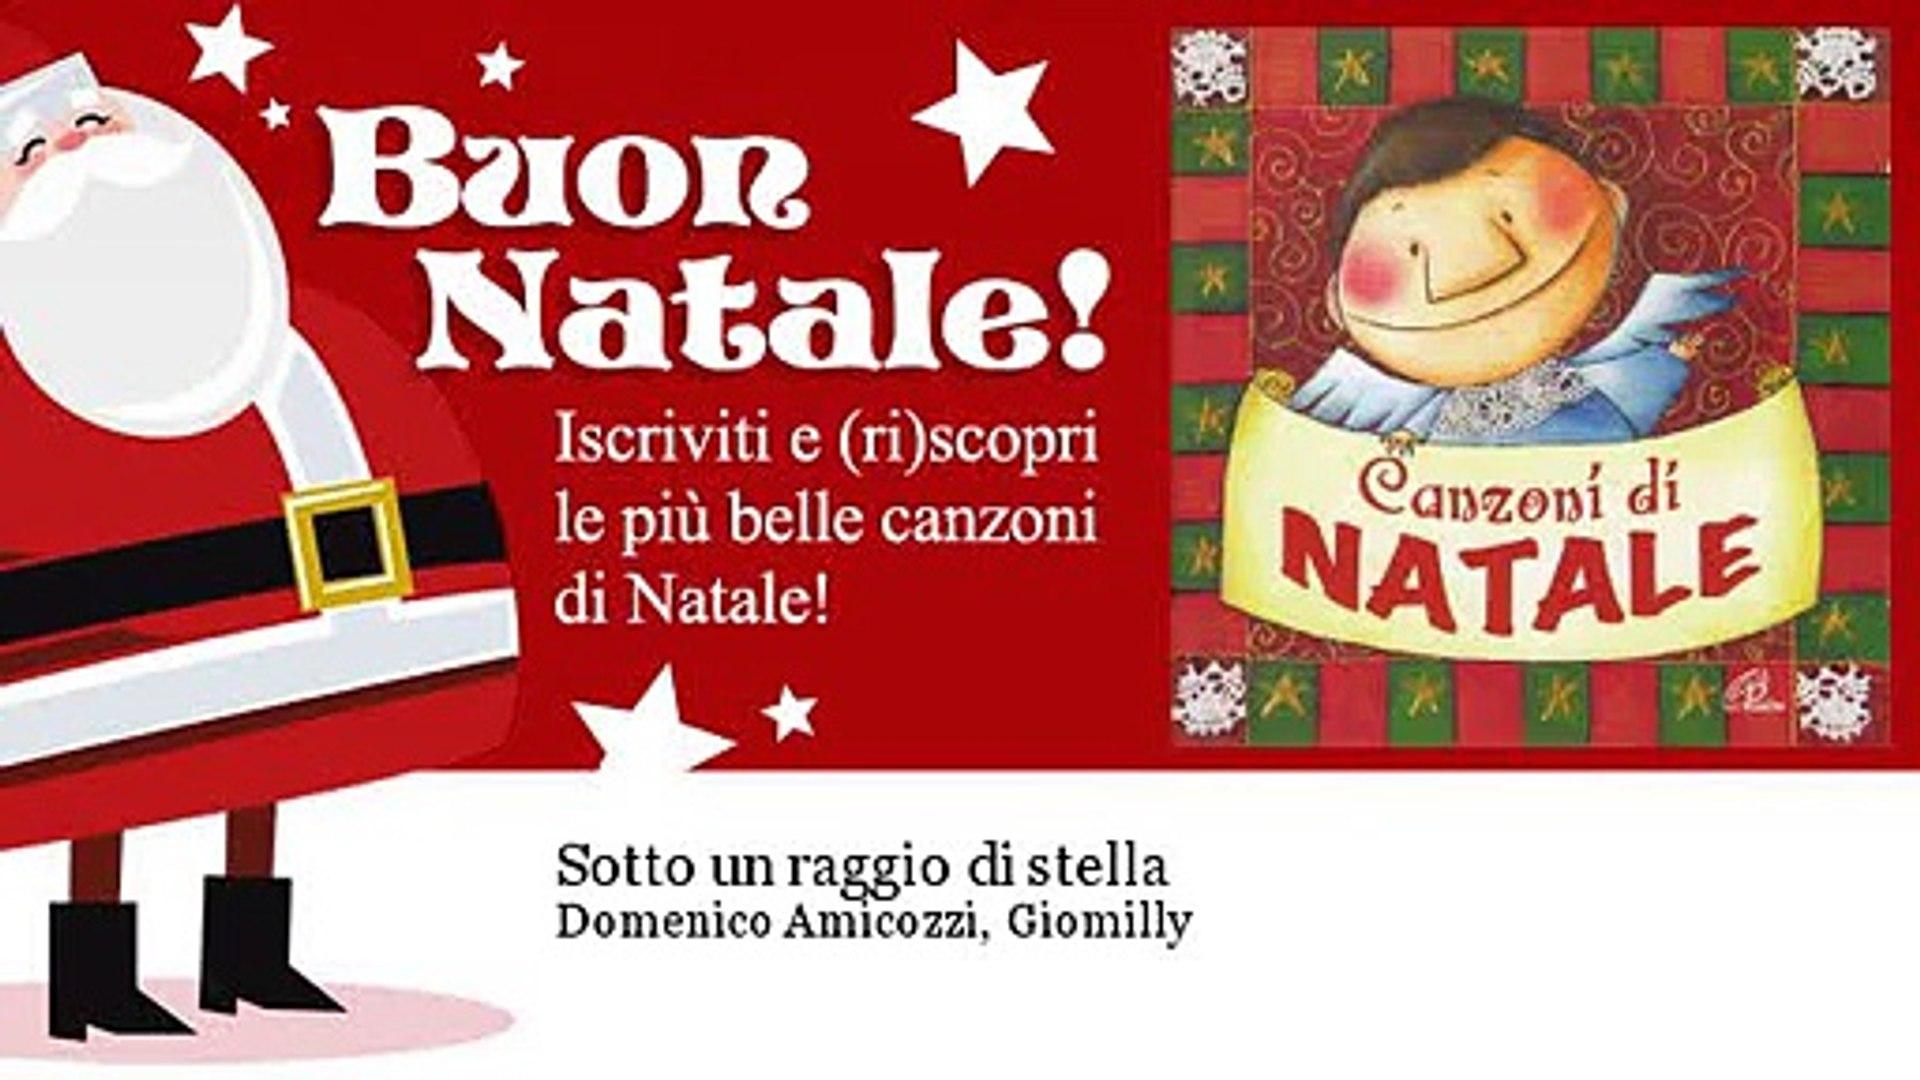 La Stella Di Natale Canzone.Domenico Amicozzi Giomilly Sotto Un Raggio Di Stella